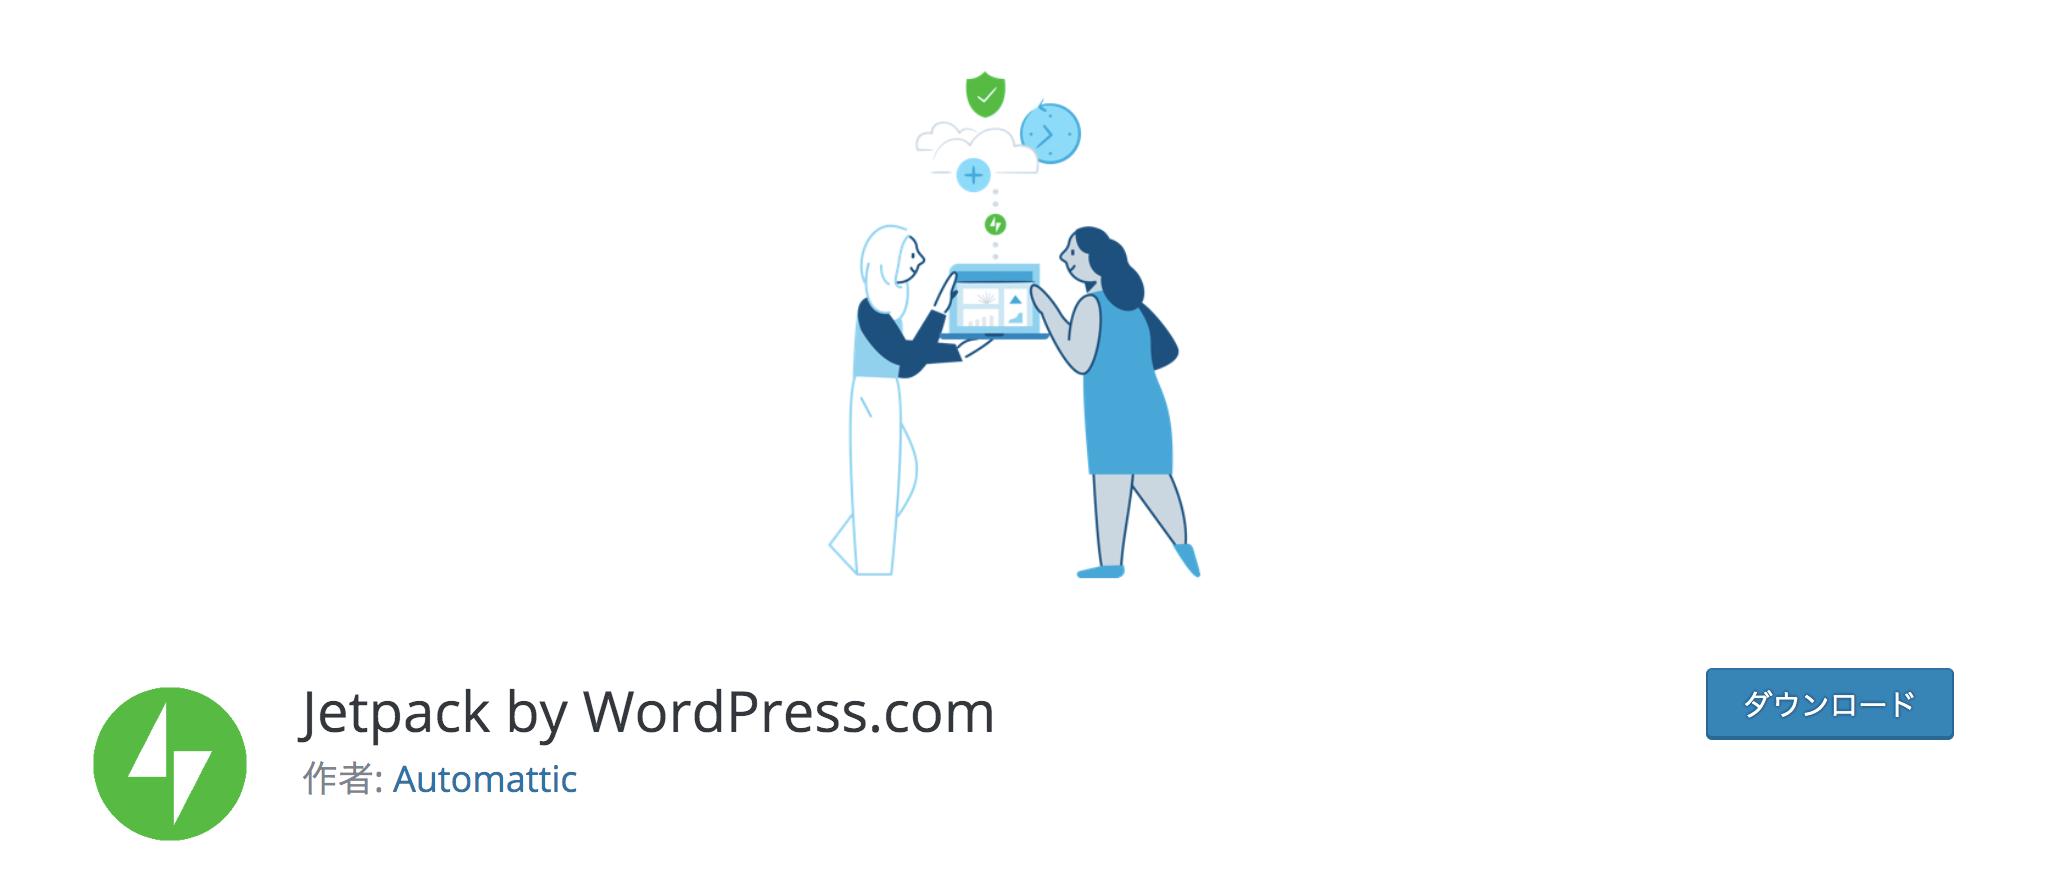 WordPress(ワードプレス) プラグイン Jetpack